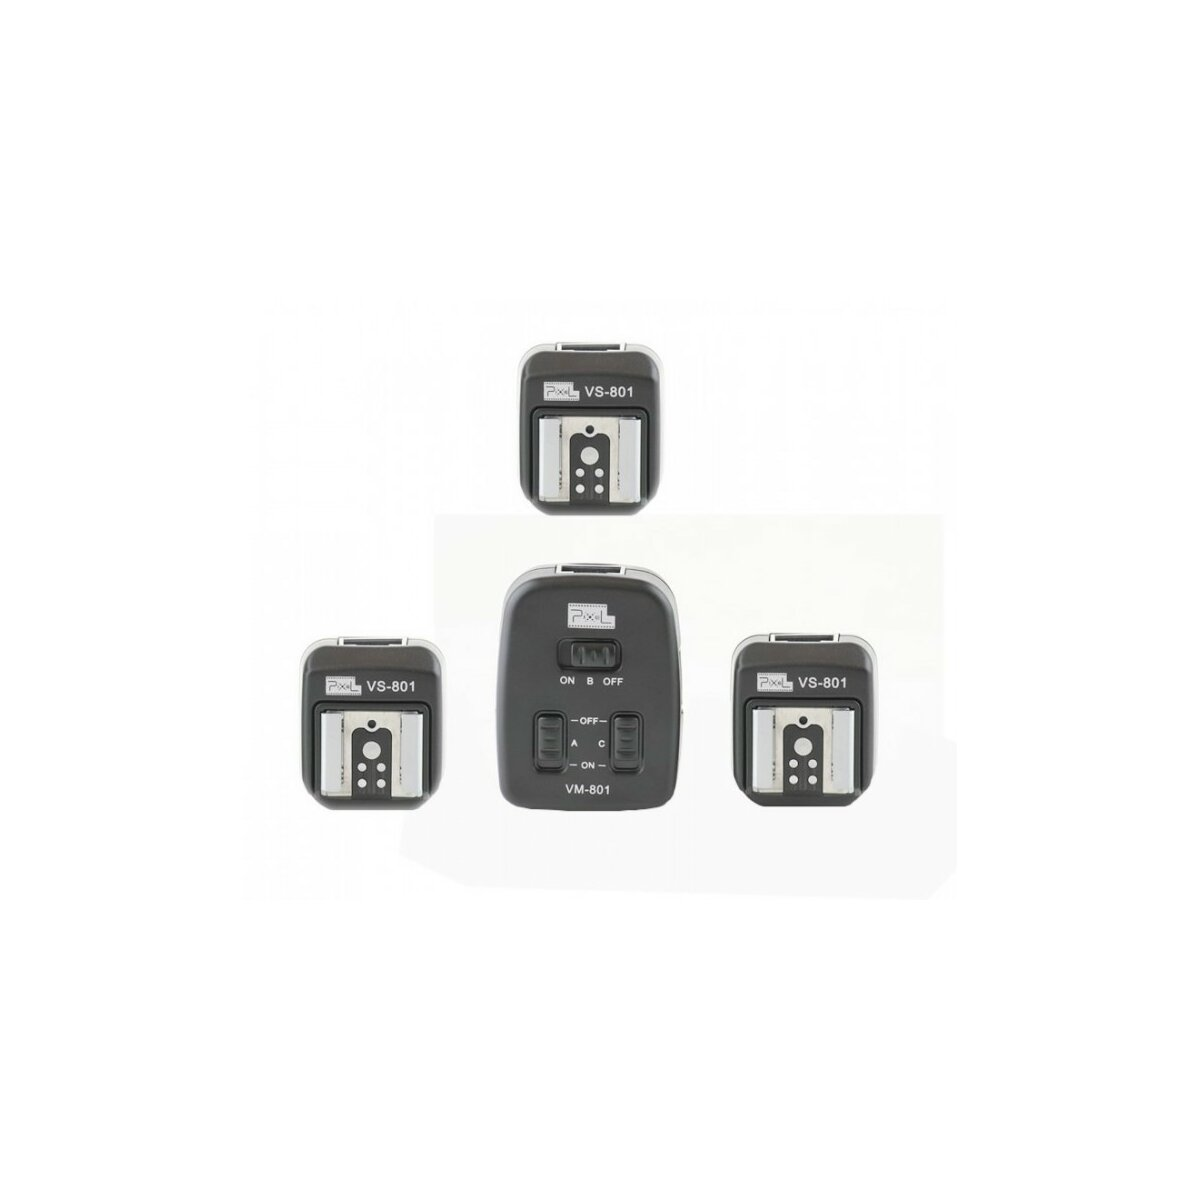 PIXEL Triple TTL-Blitzkabel (3x 4m) mit 3 Empfängern - kompatibel mit Canon Speedlite 600EX-RT, 580EX II, 580EX, 550EX, 540EZ, 430EX II, 430EX, 420EX, 380EX, 320EX, 270EX II, 270EX, 220EX - Ersatz für OC-E3